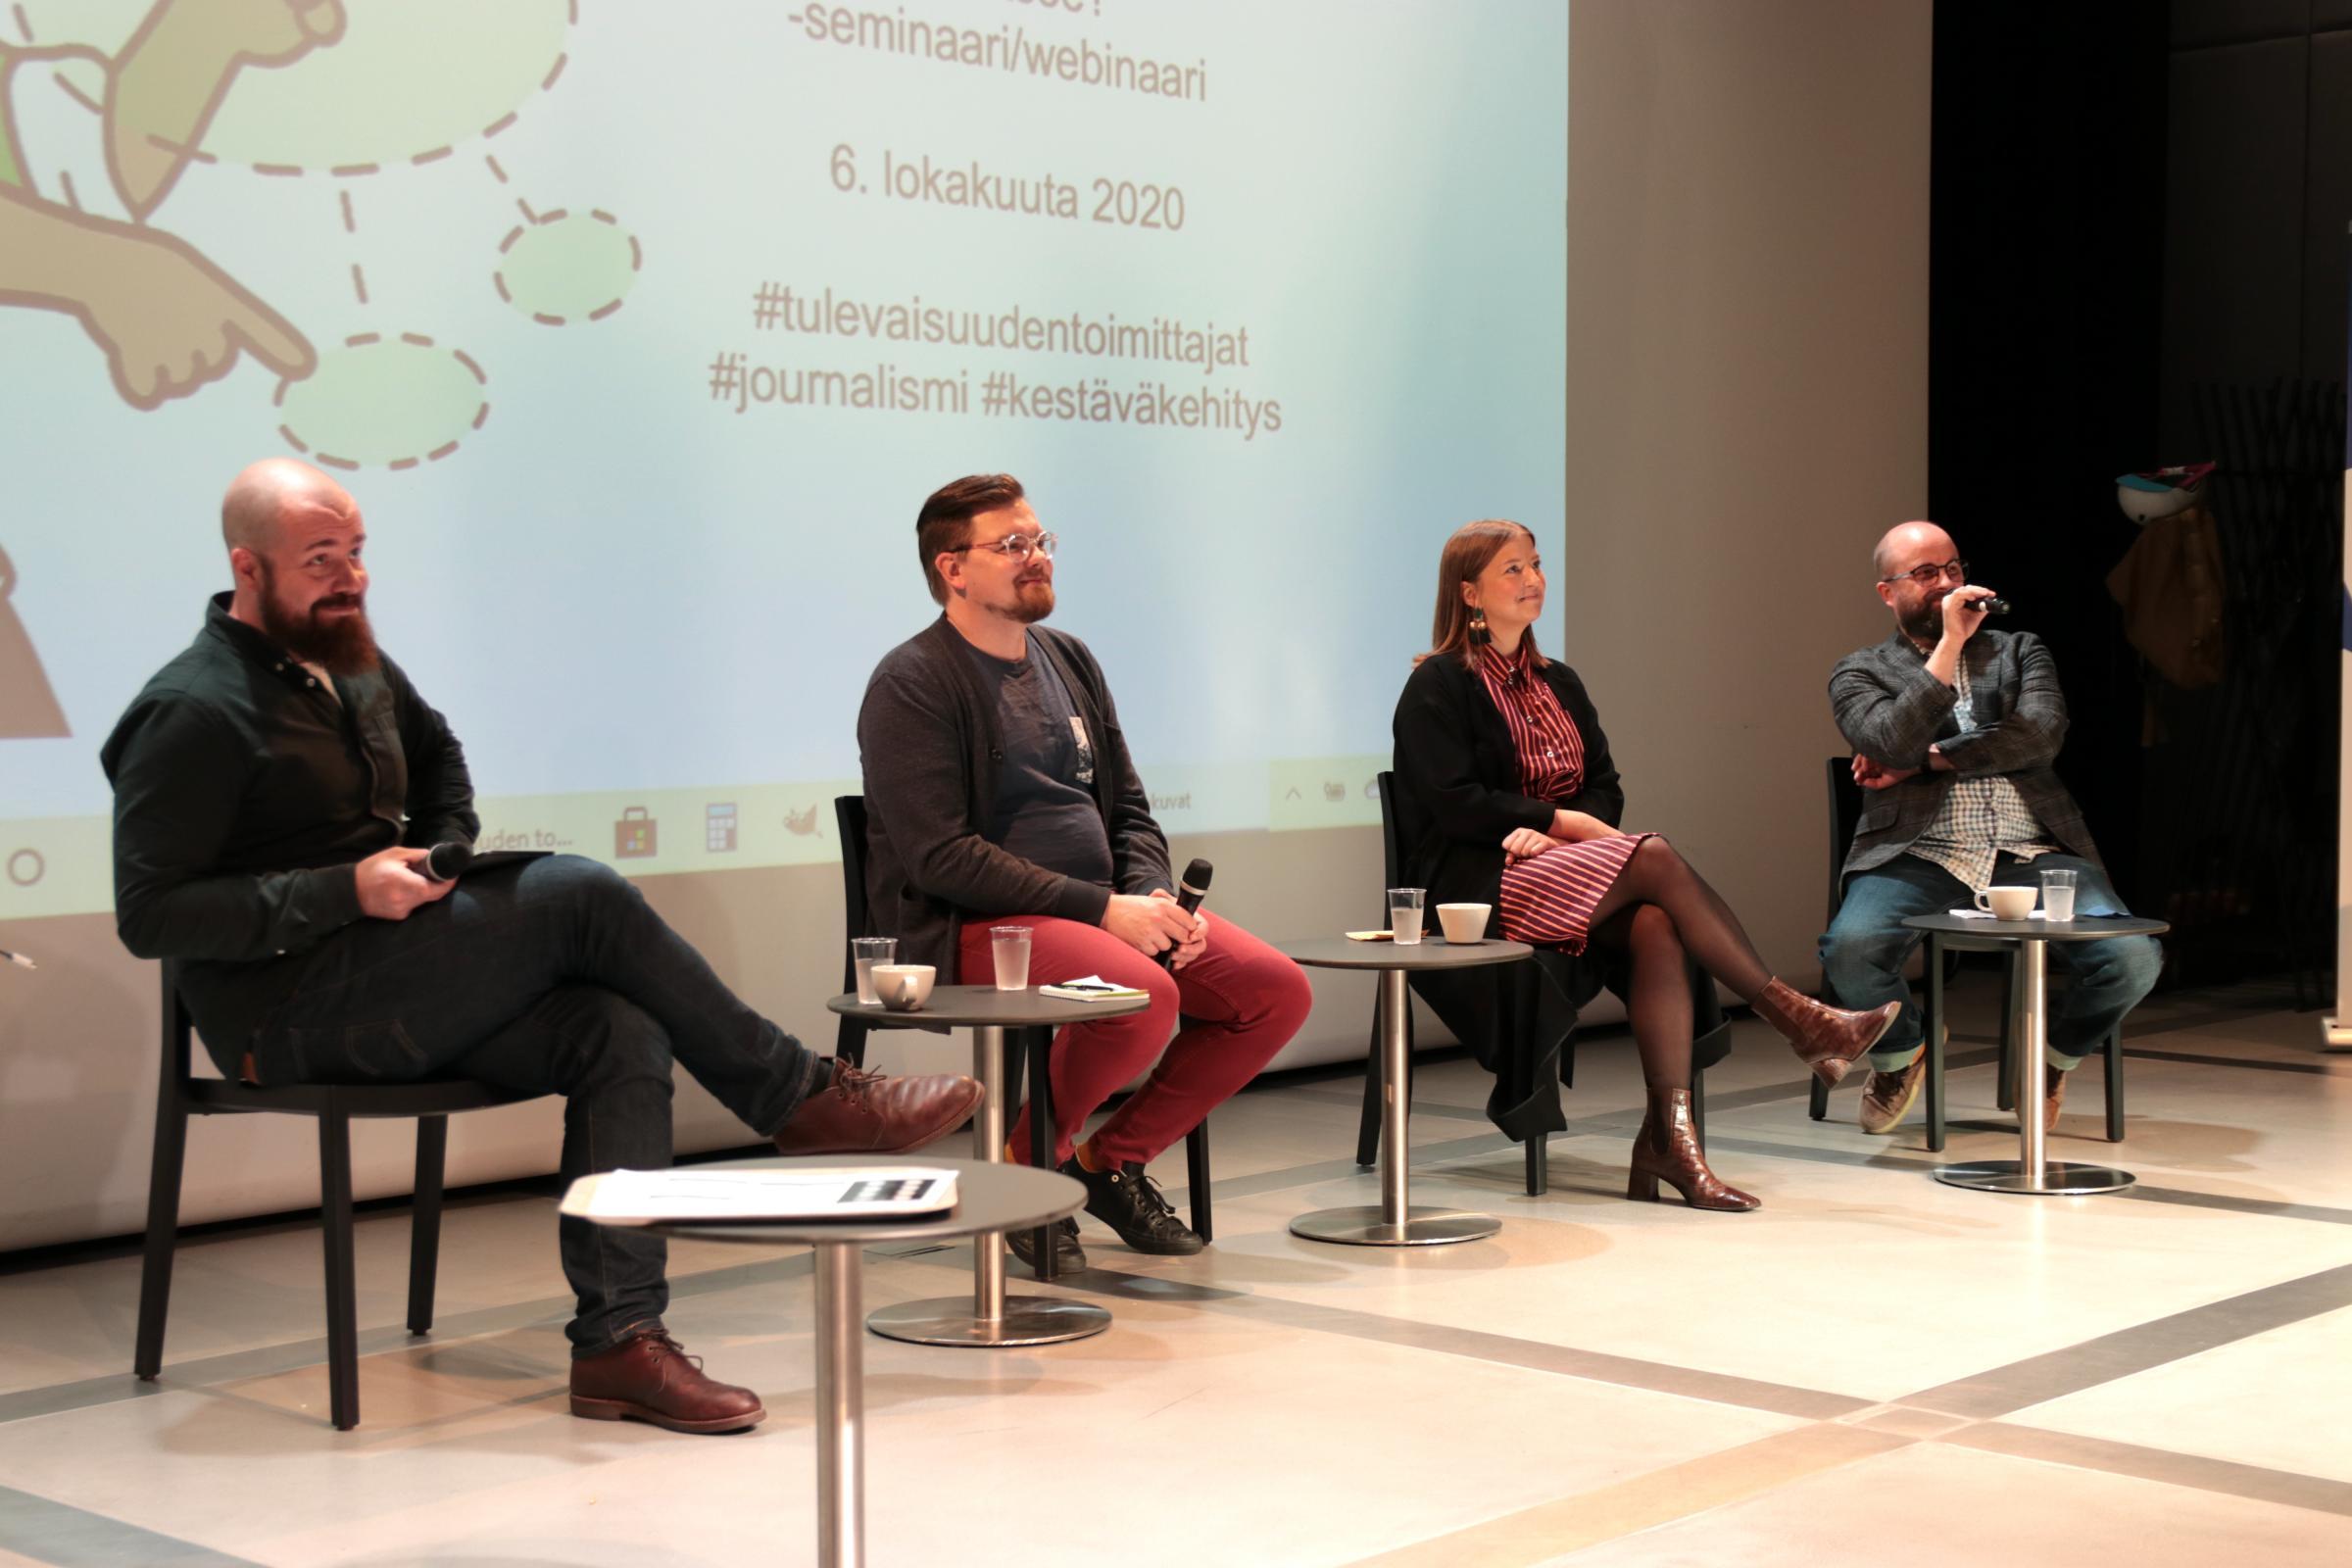 Mikko Pelttari, Lasse Leipola, Alma Onali ja Esa Salminen